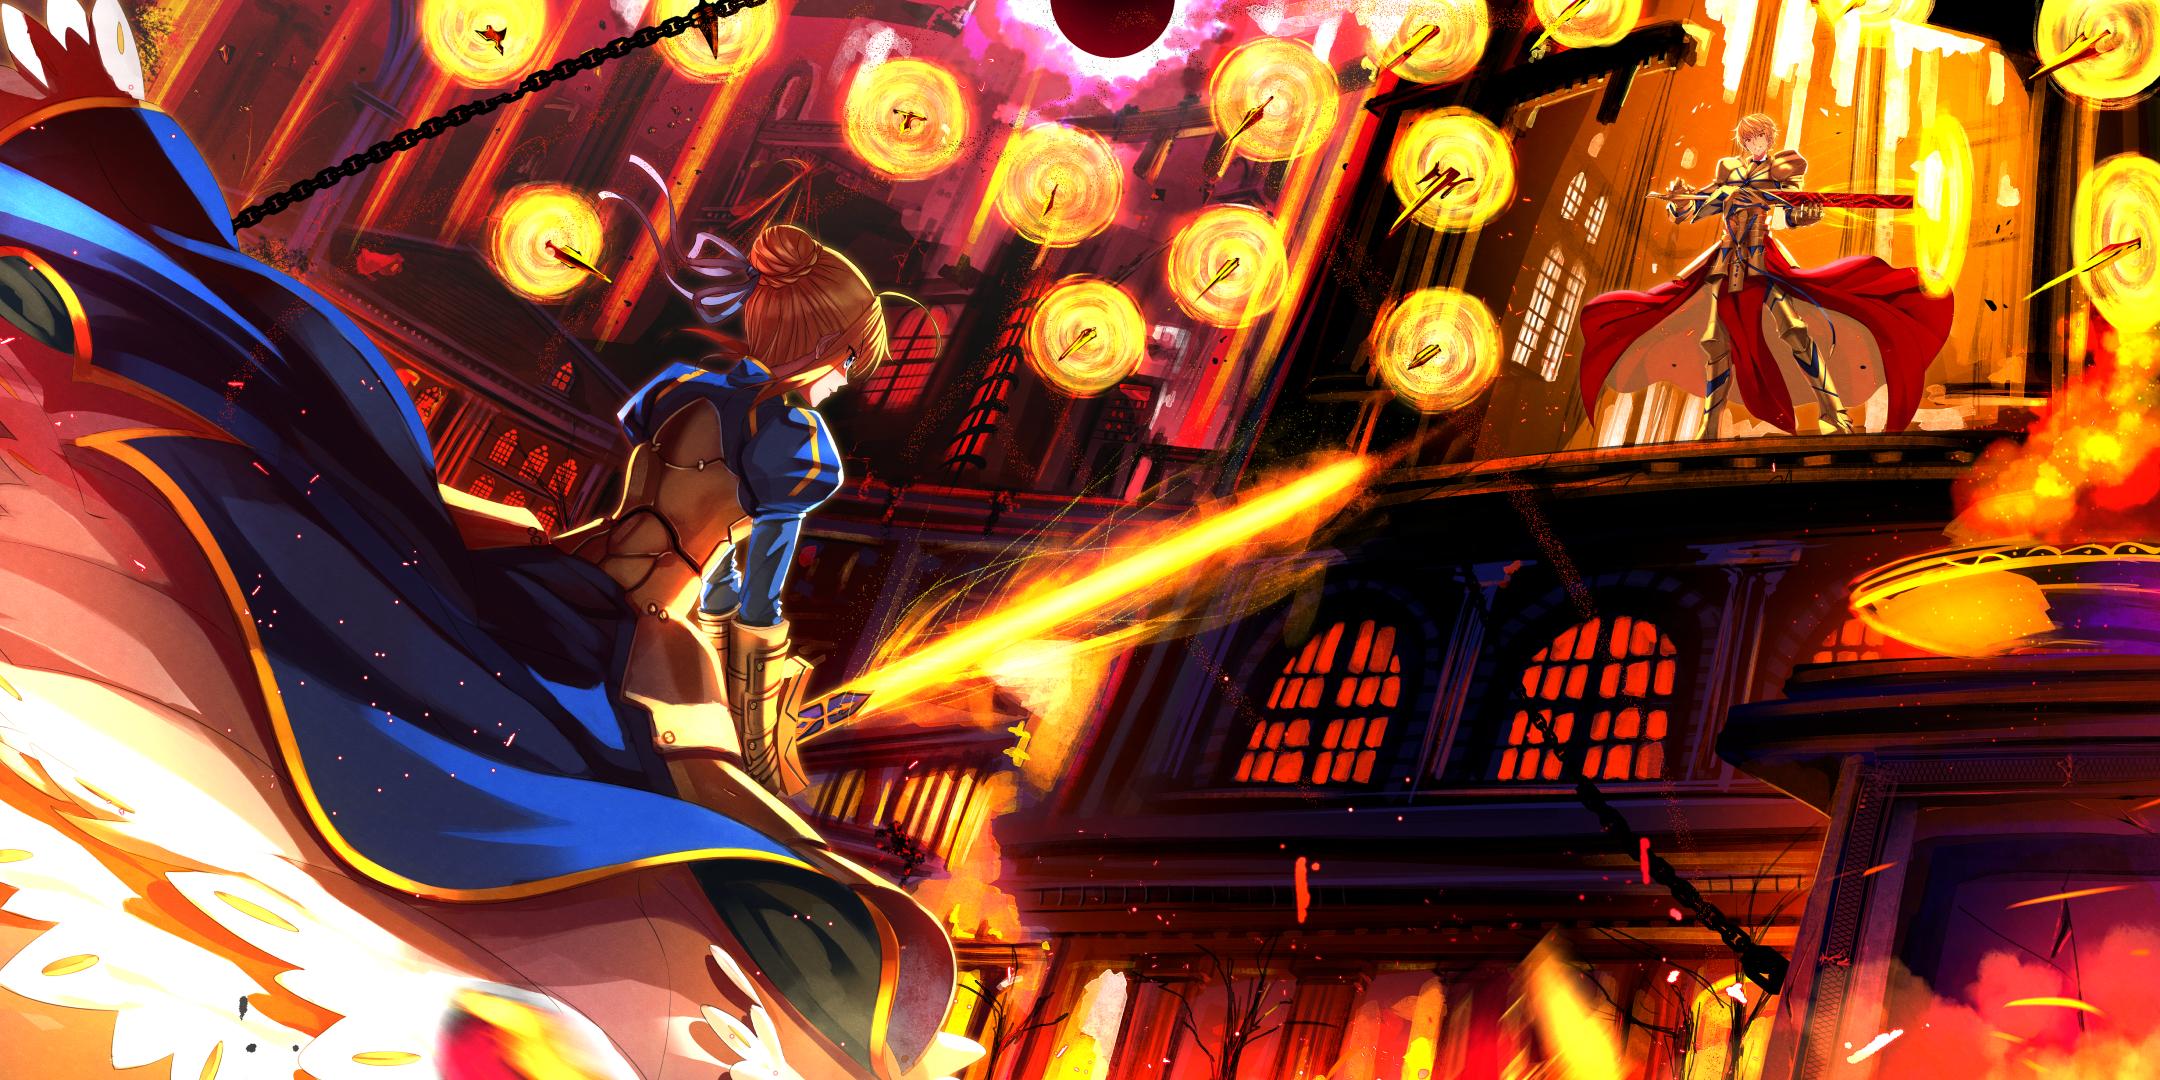 Fate Stay Night Wallpaper 1972819 Zerochan Anime Image Board